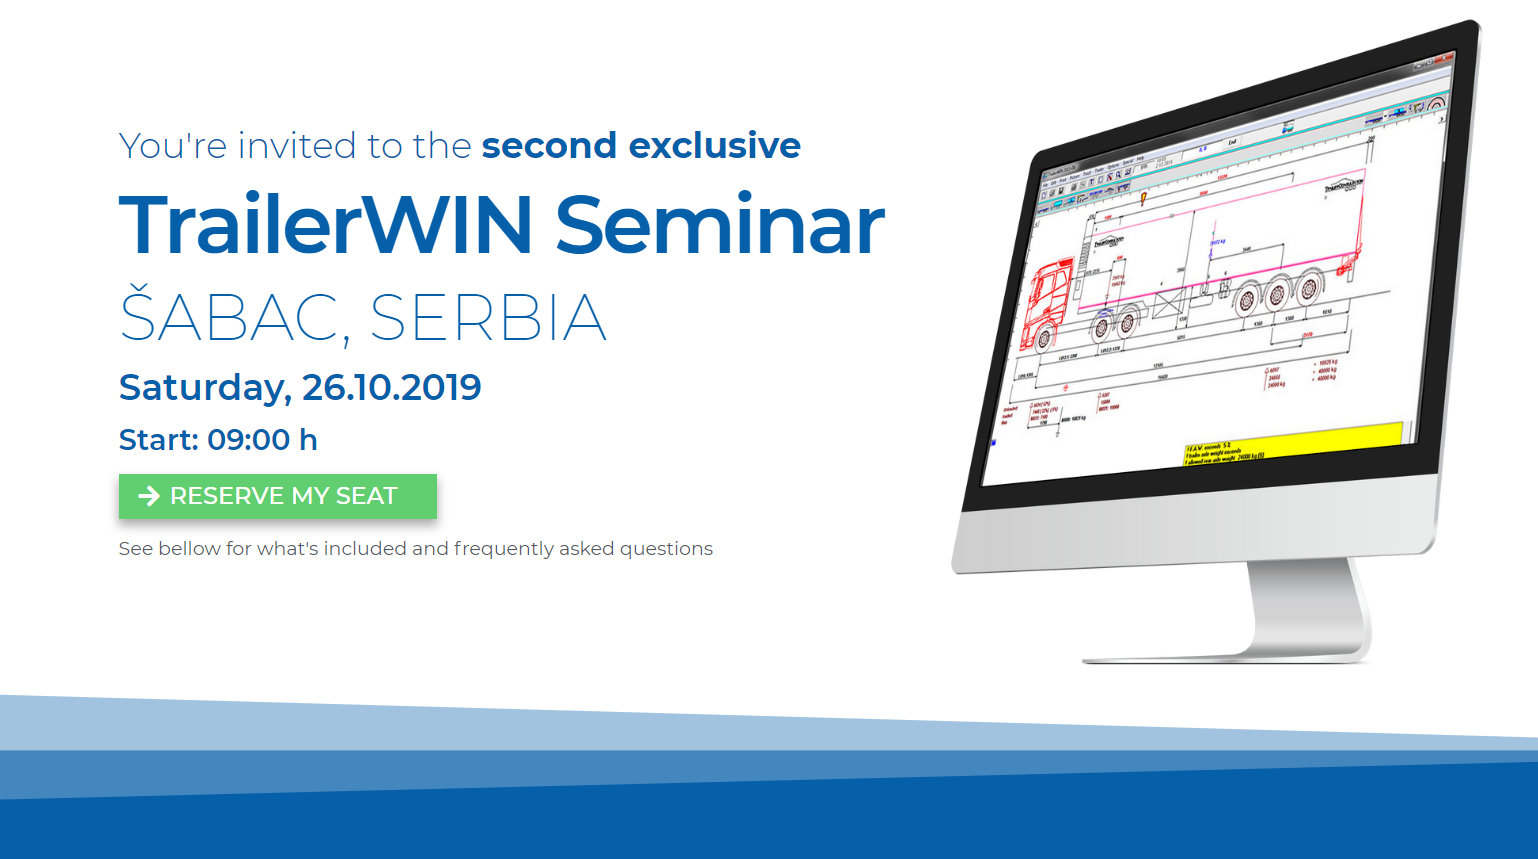 TrailerWIN seminar 2019